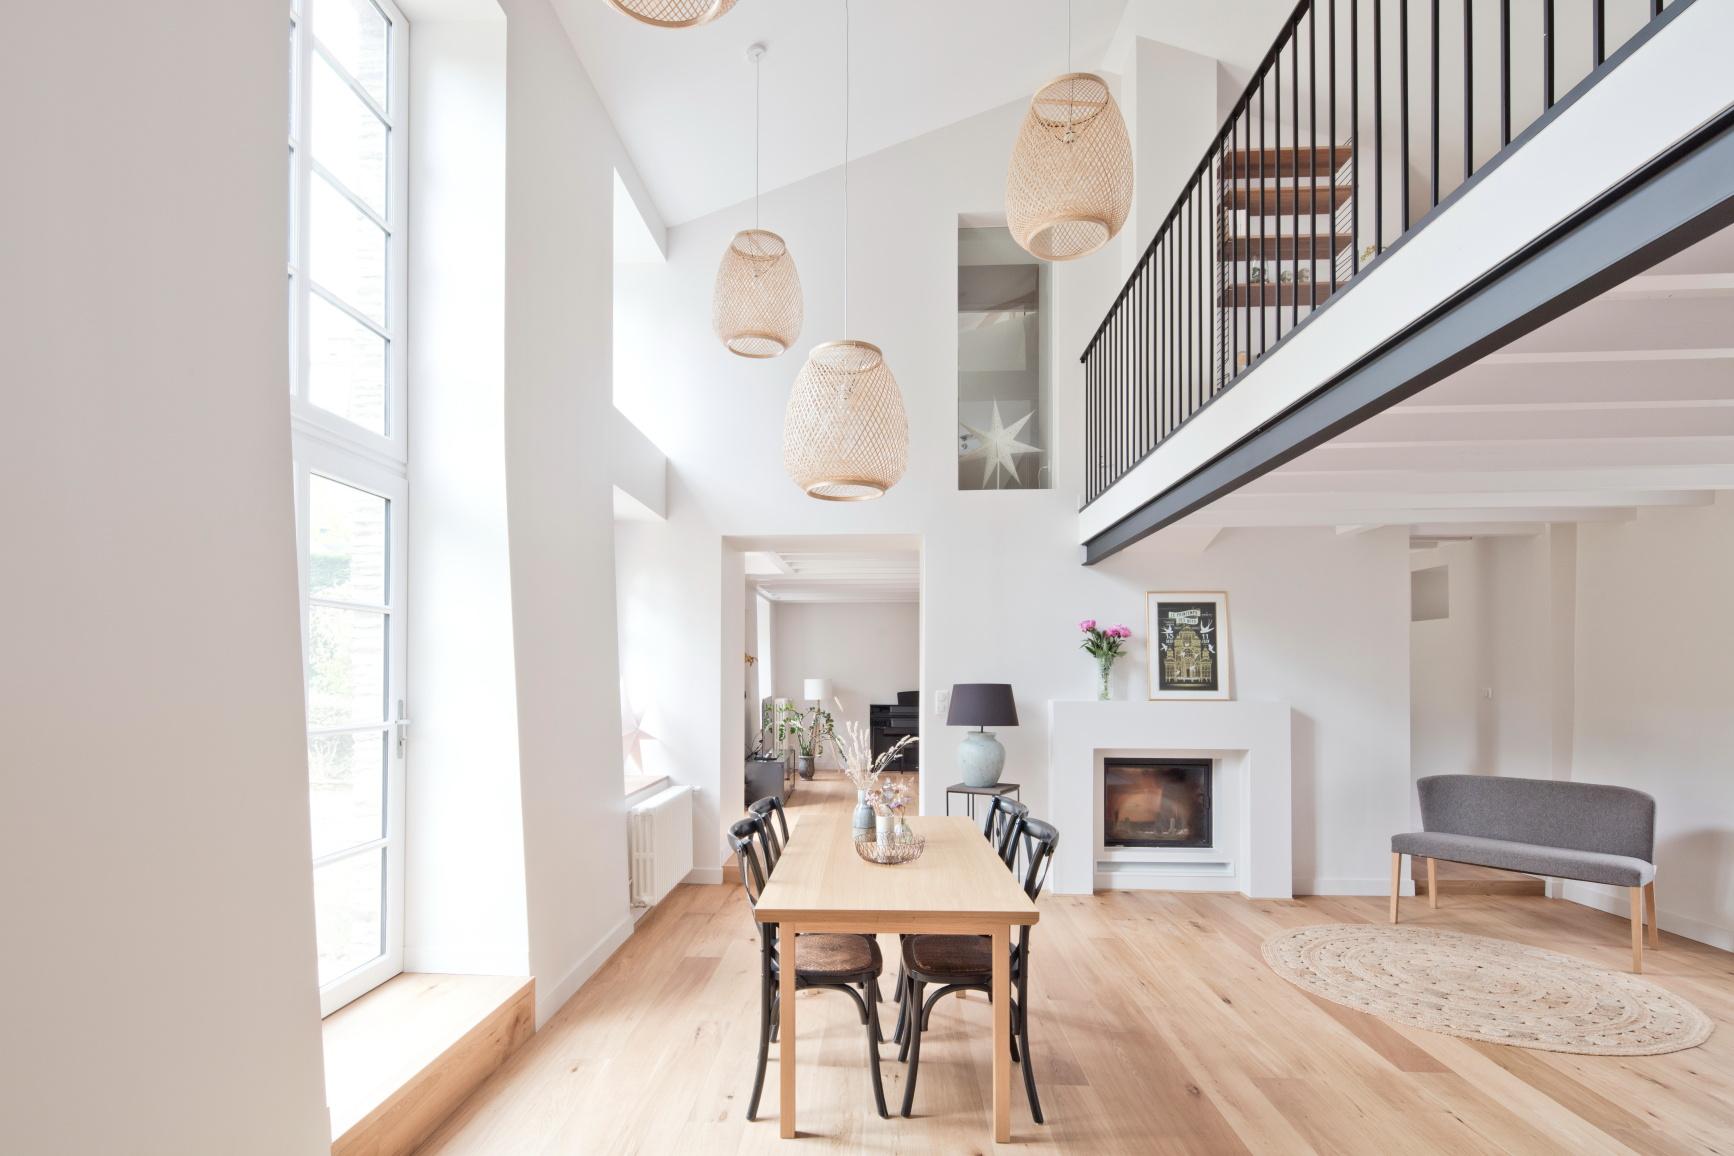 rénovation à nantes d'une maison